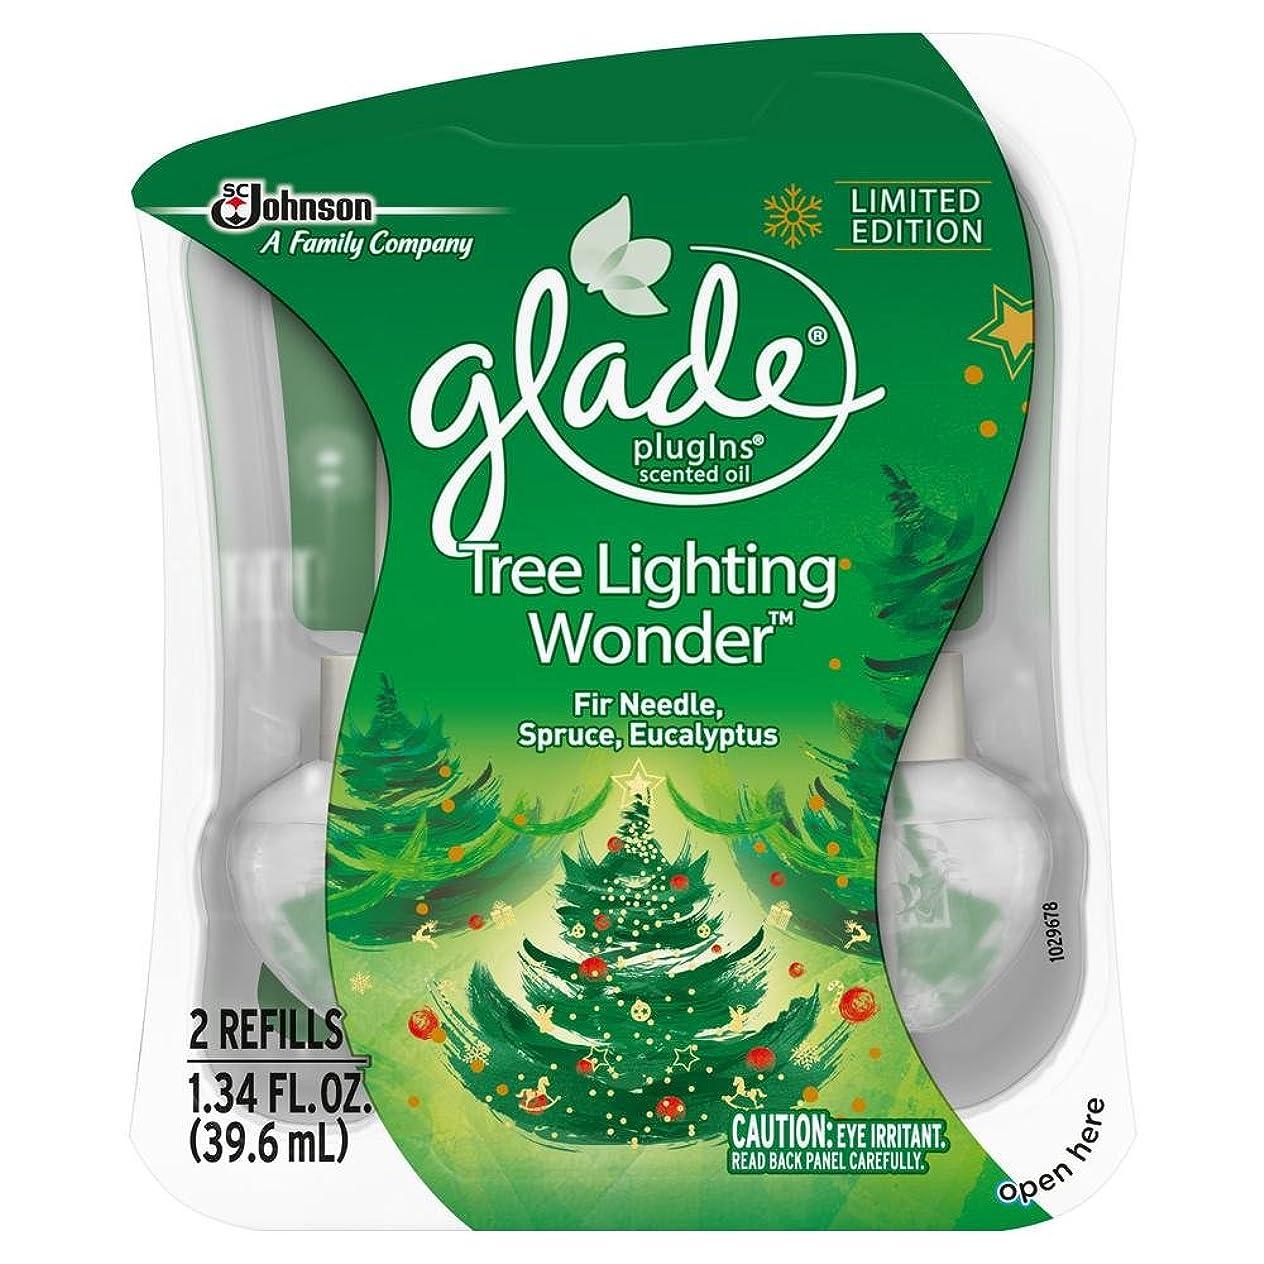 下フィラデルフィア業界【glade/グレード】 プラグインオイル 詰替え用リフィル(2個入り) ツリーライティングワンダー Glade Plugins Scented Oil Tree Lighting Wonder 2 refills 1.34oz(39.6ml) [並行輸入品]